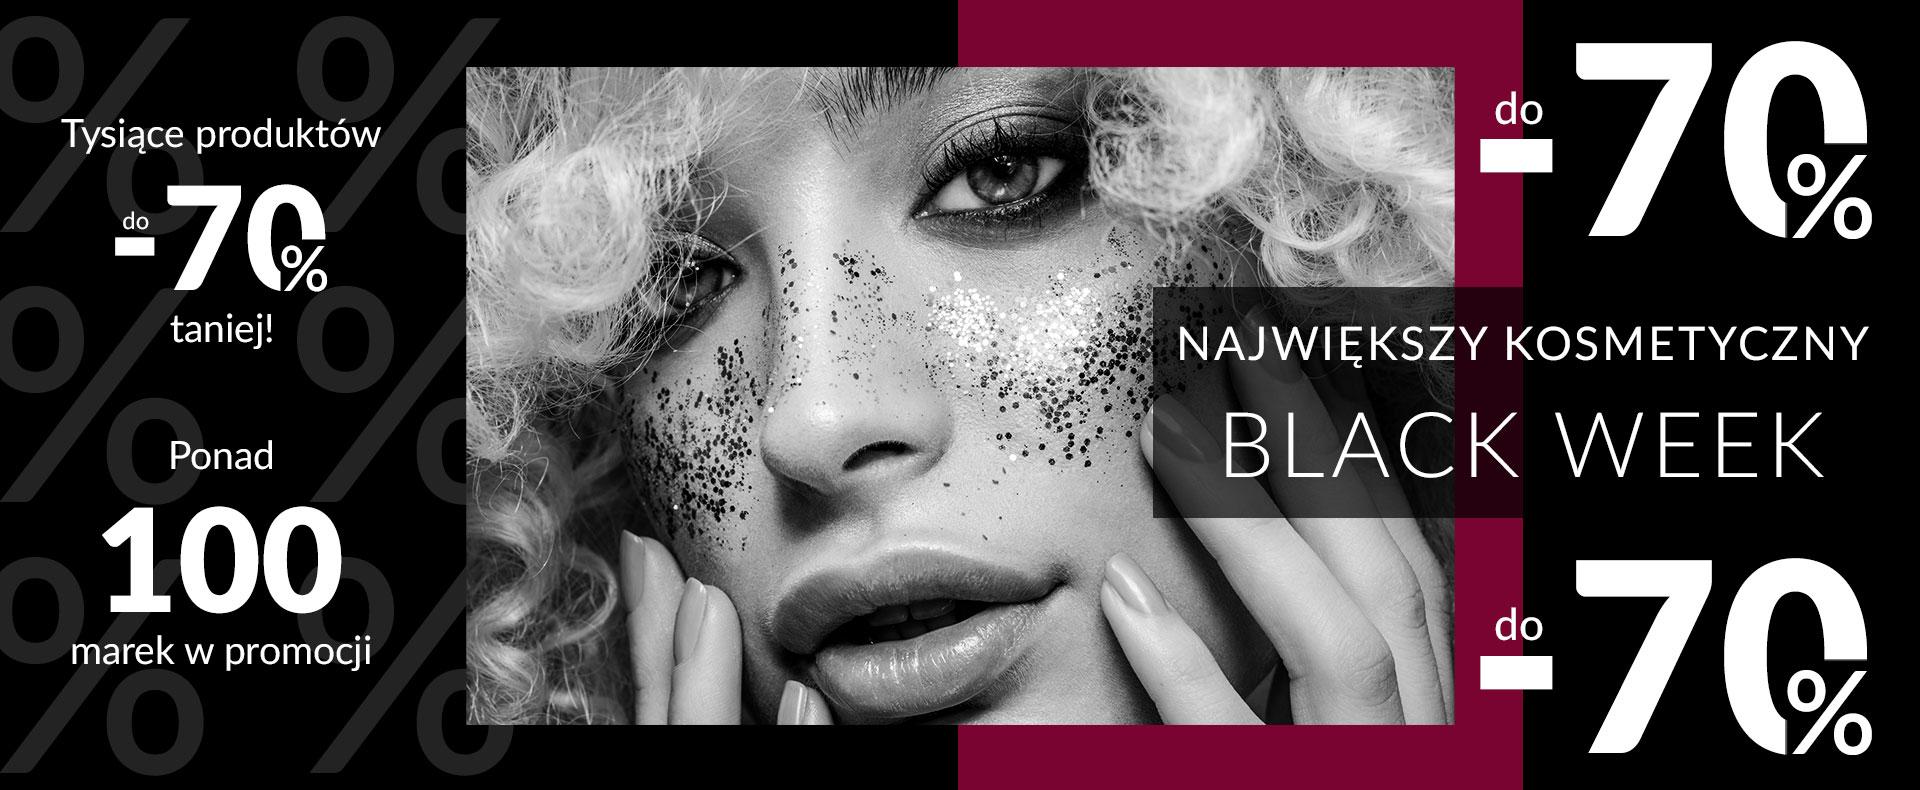 Ezebra: Black Week do 70% zniżki na tysiące kosmetyków i perfum znanych marek